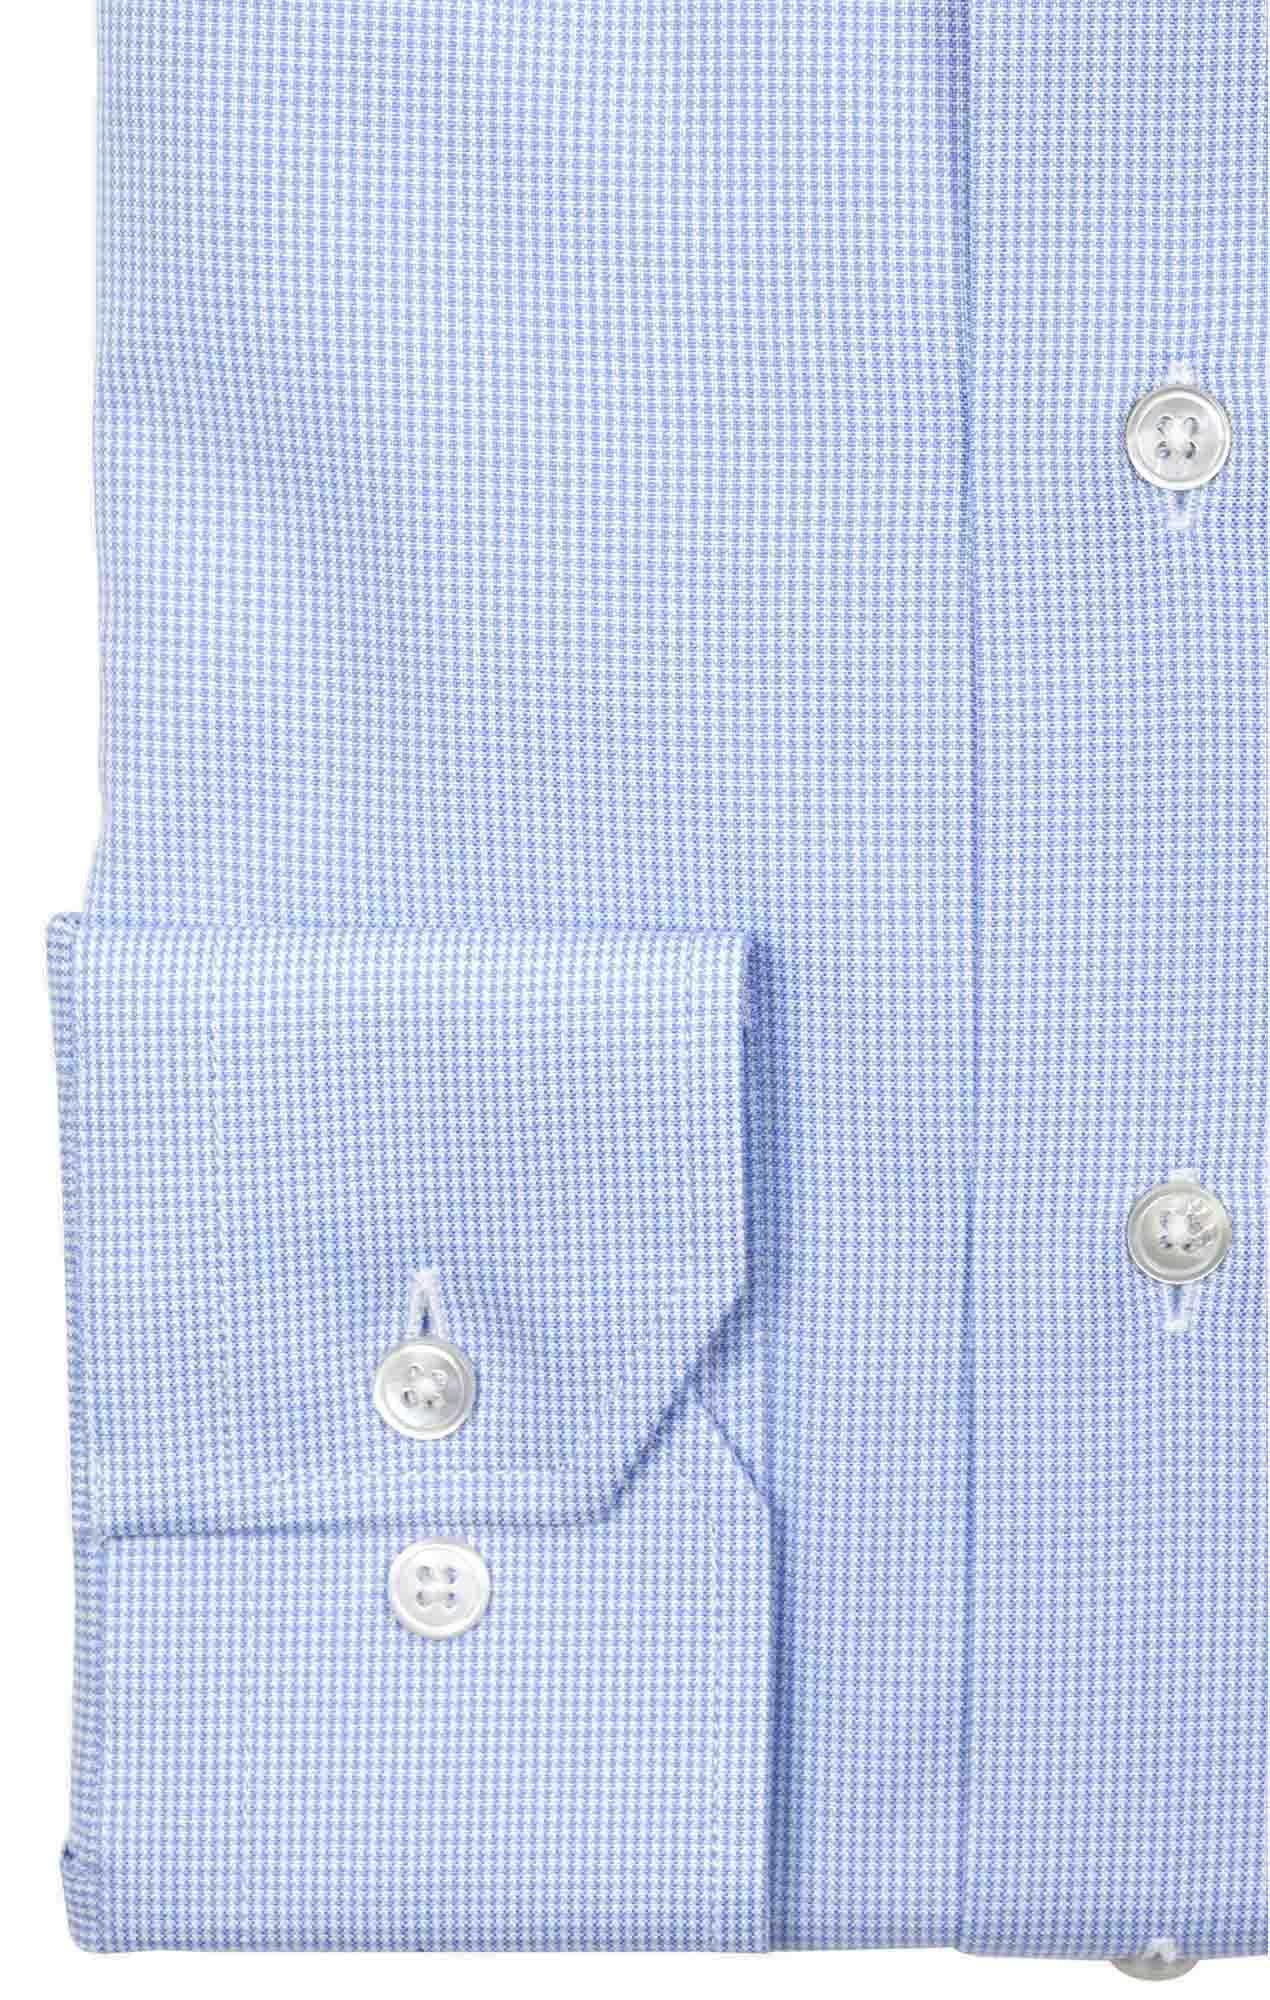 Chemise oxford bleu pied de poule Chemises Hommes